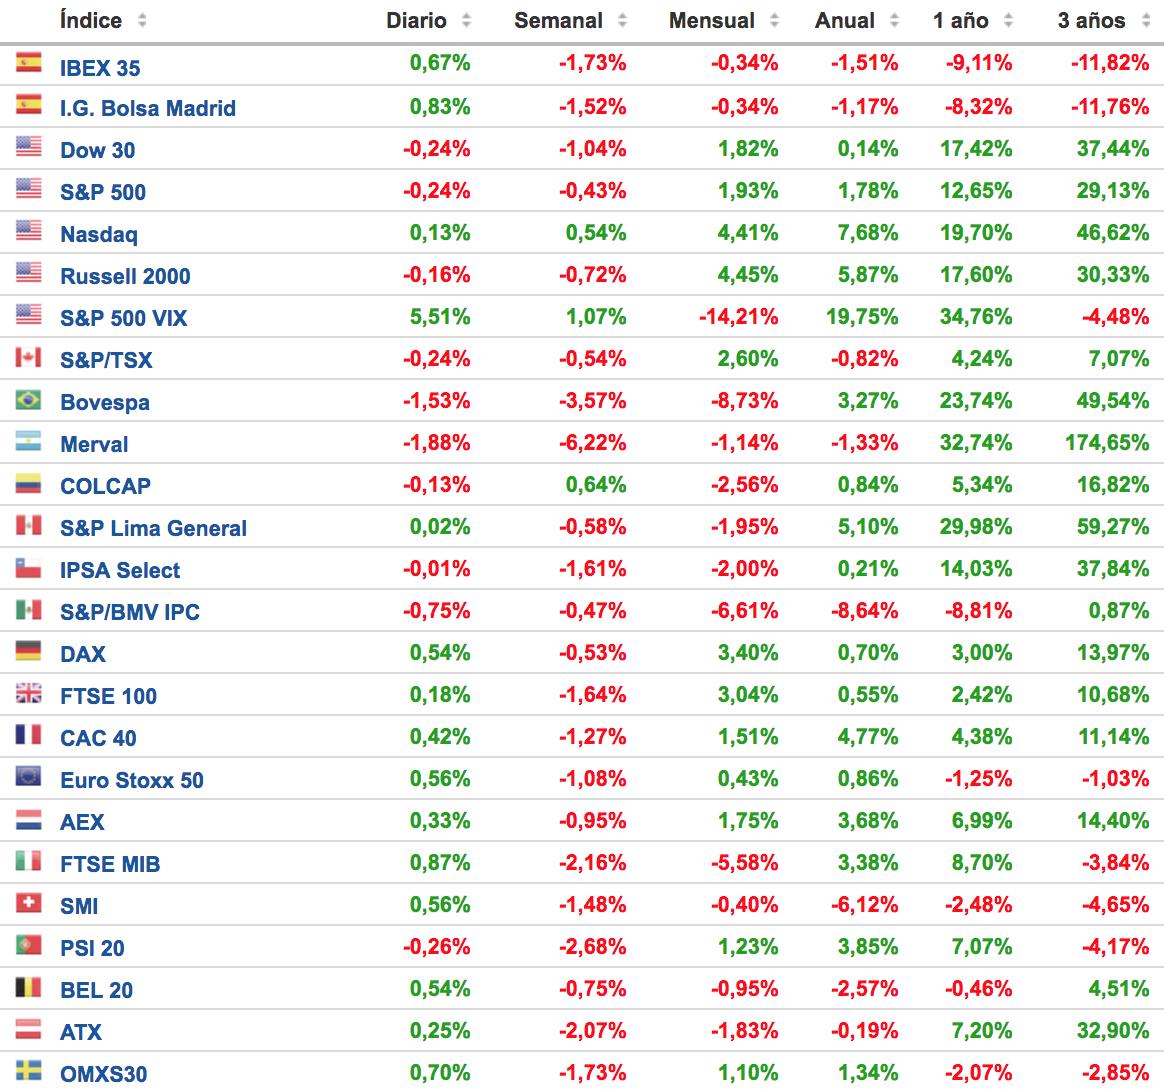 principales indices bursátiles 28 mayo 2018 Altair Finance